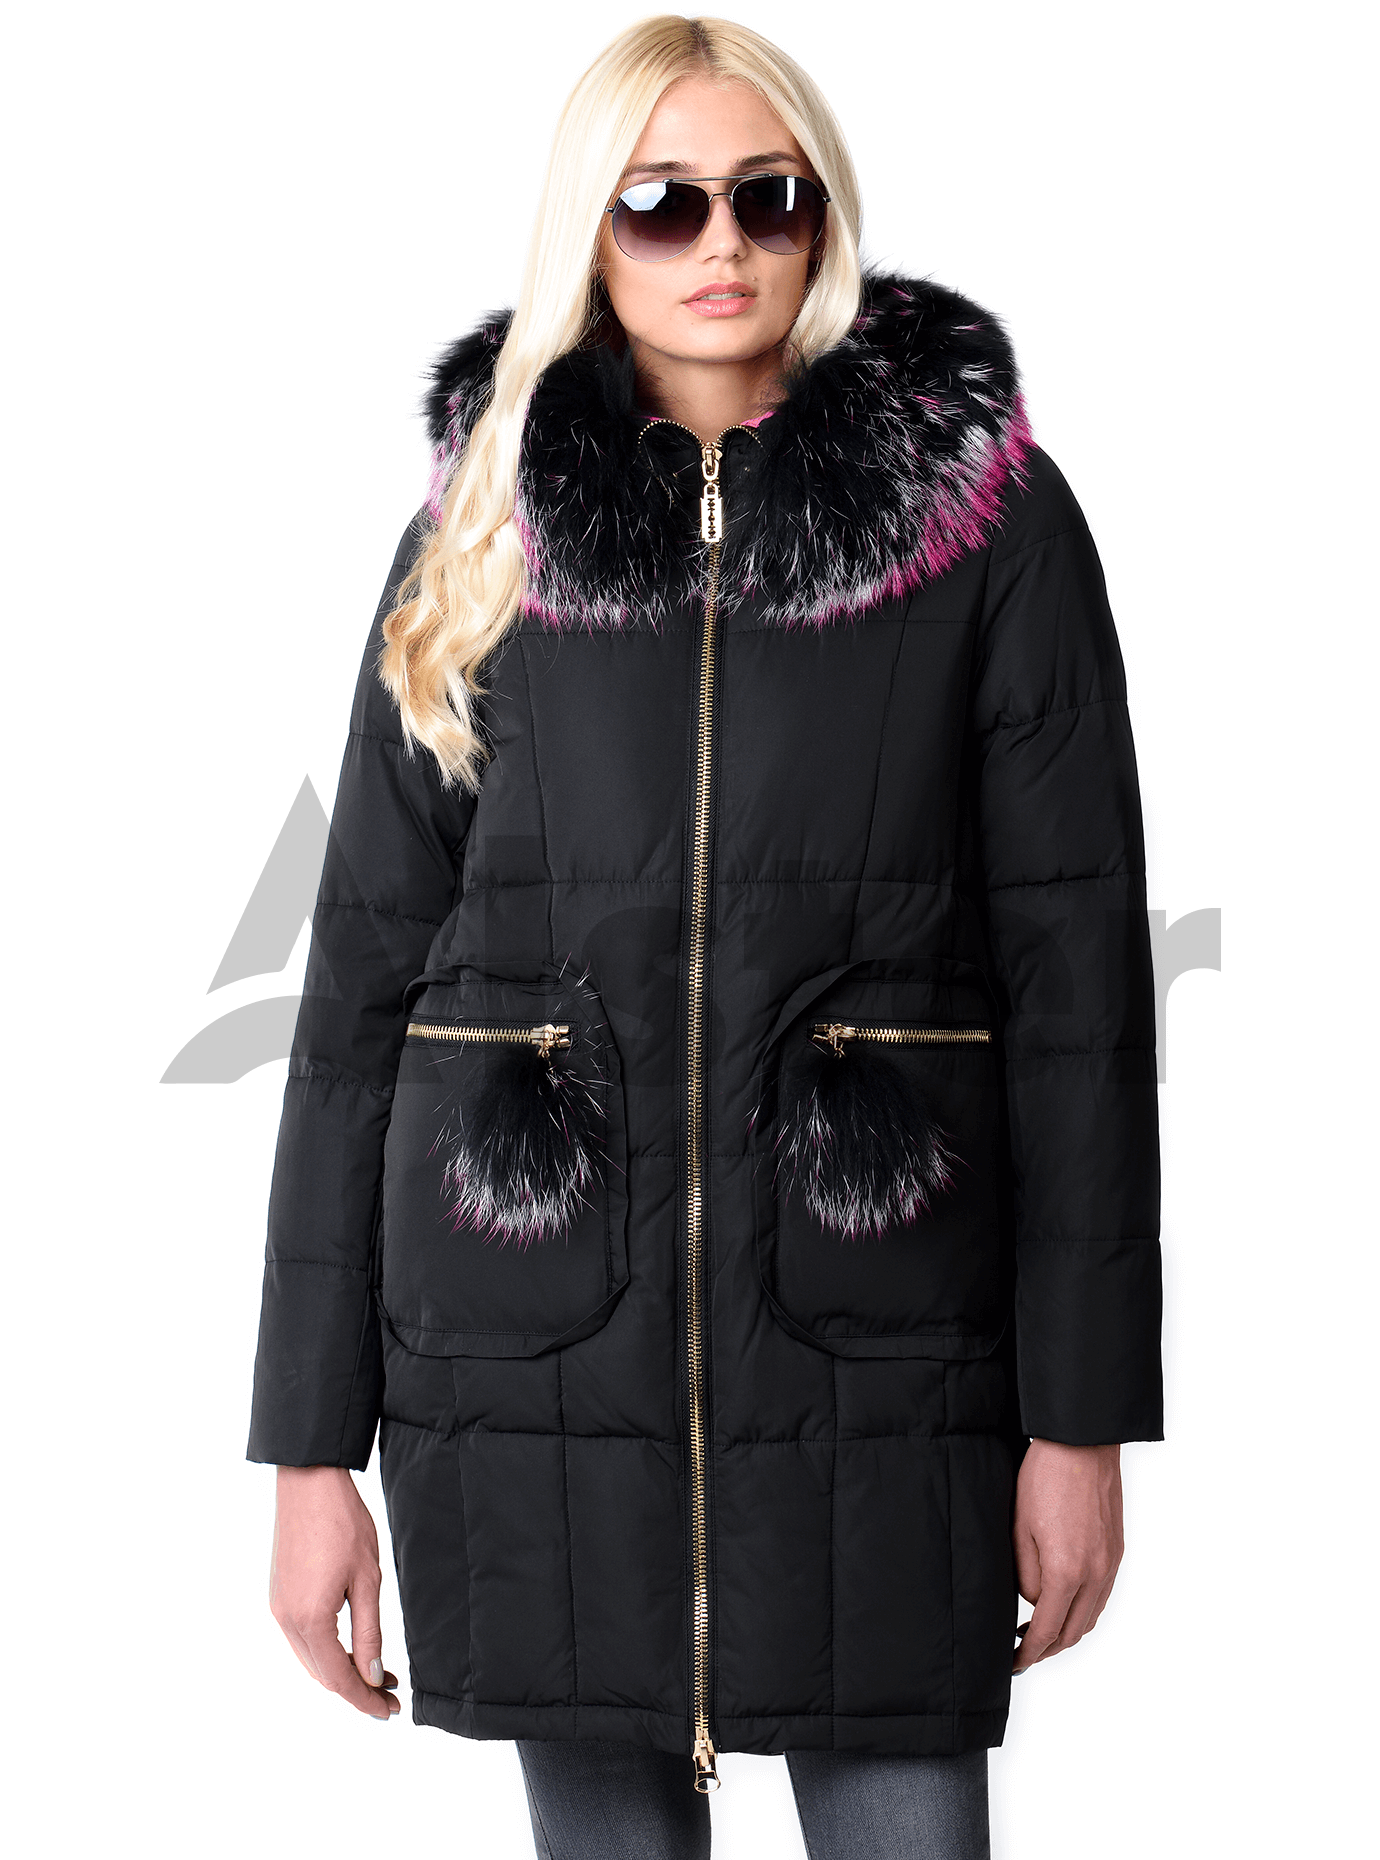 Куртка зимняя на молнии с мехом енота Чёрный S (05-V191294): фото - Alster.ua